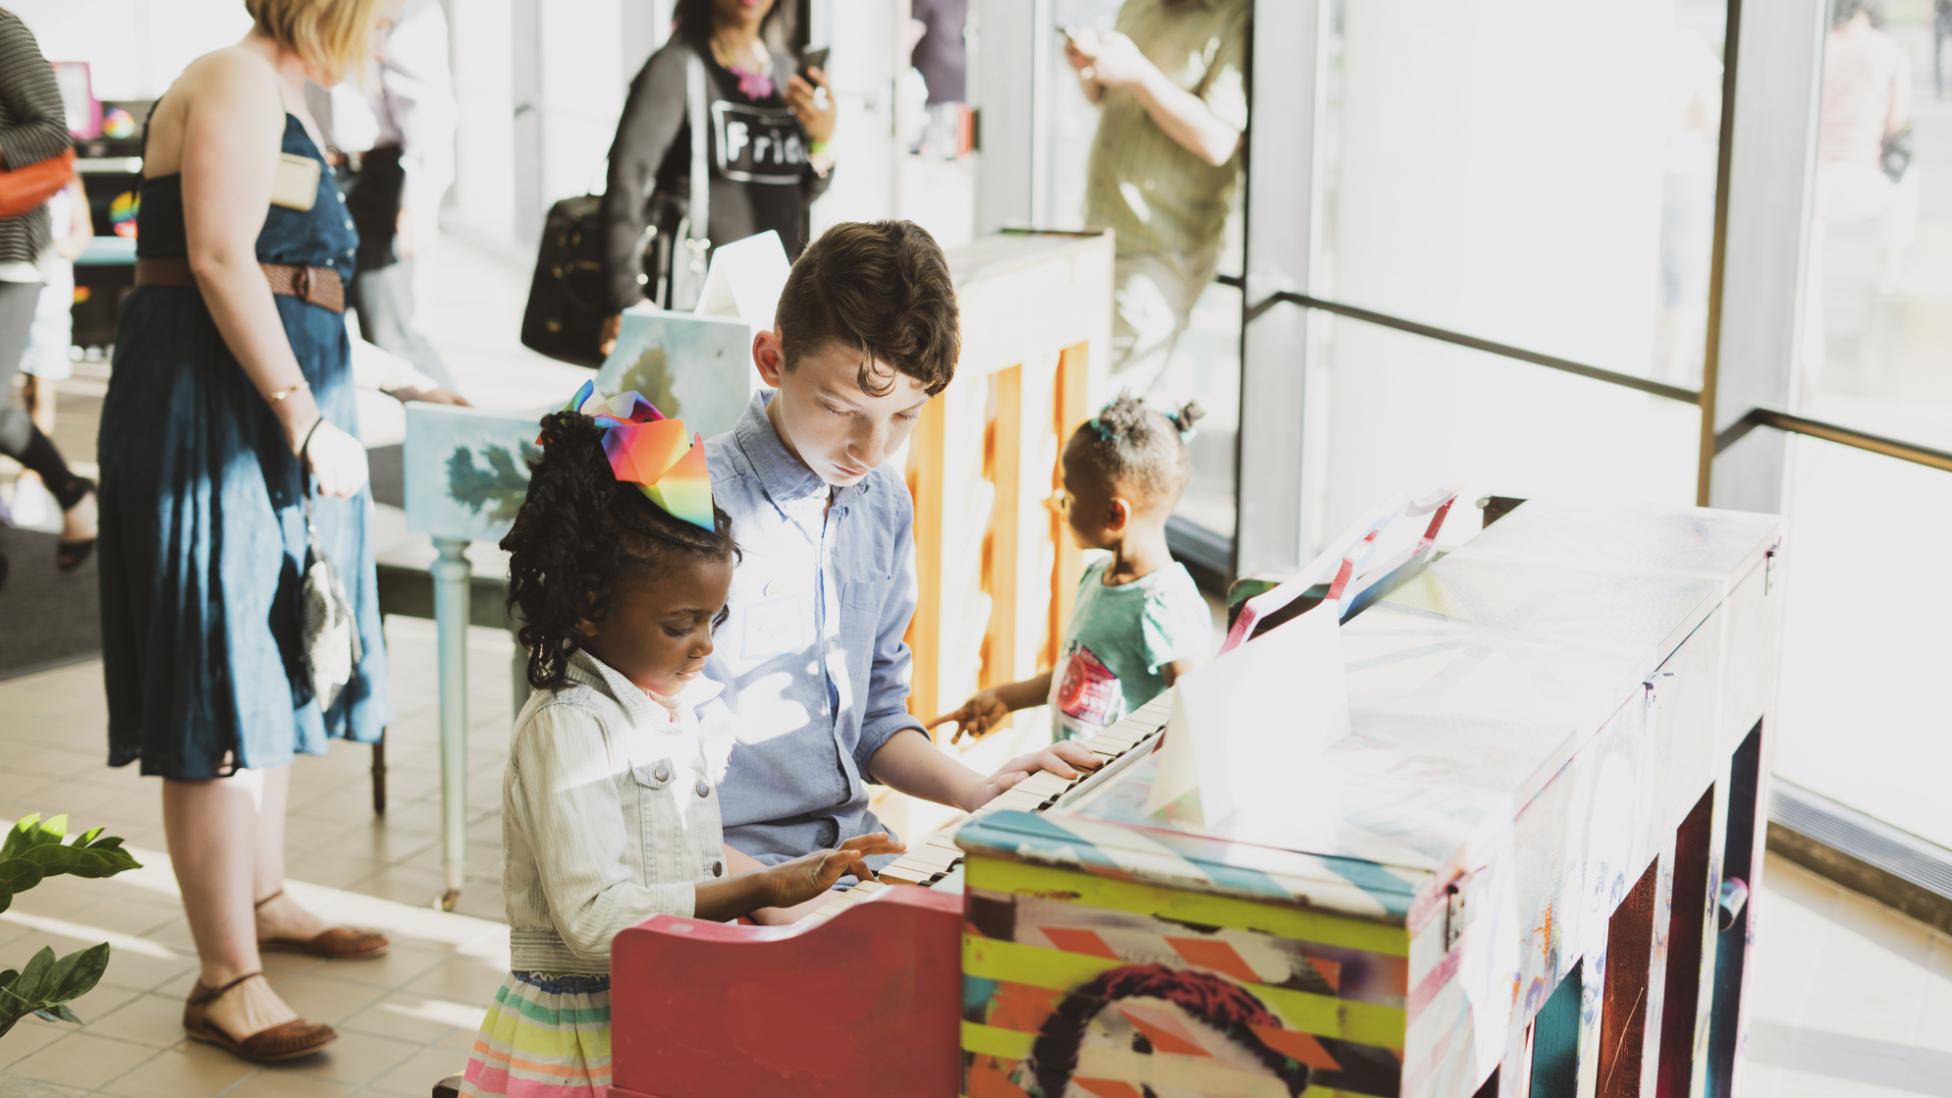 2018.0504-Pianos-Kids-SM-cSekou Mtayari.jpg